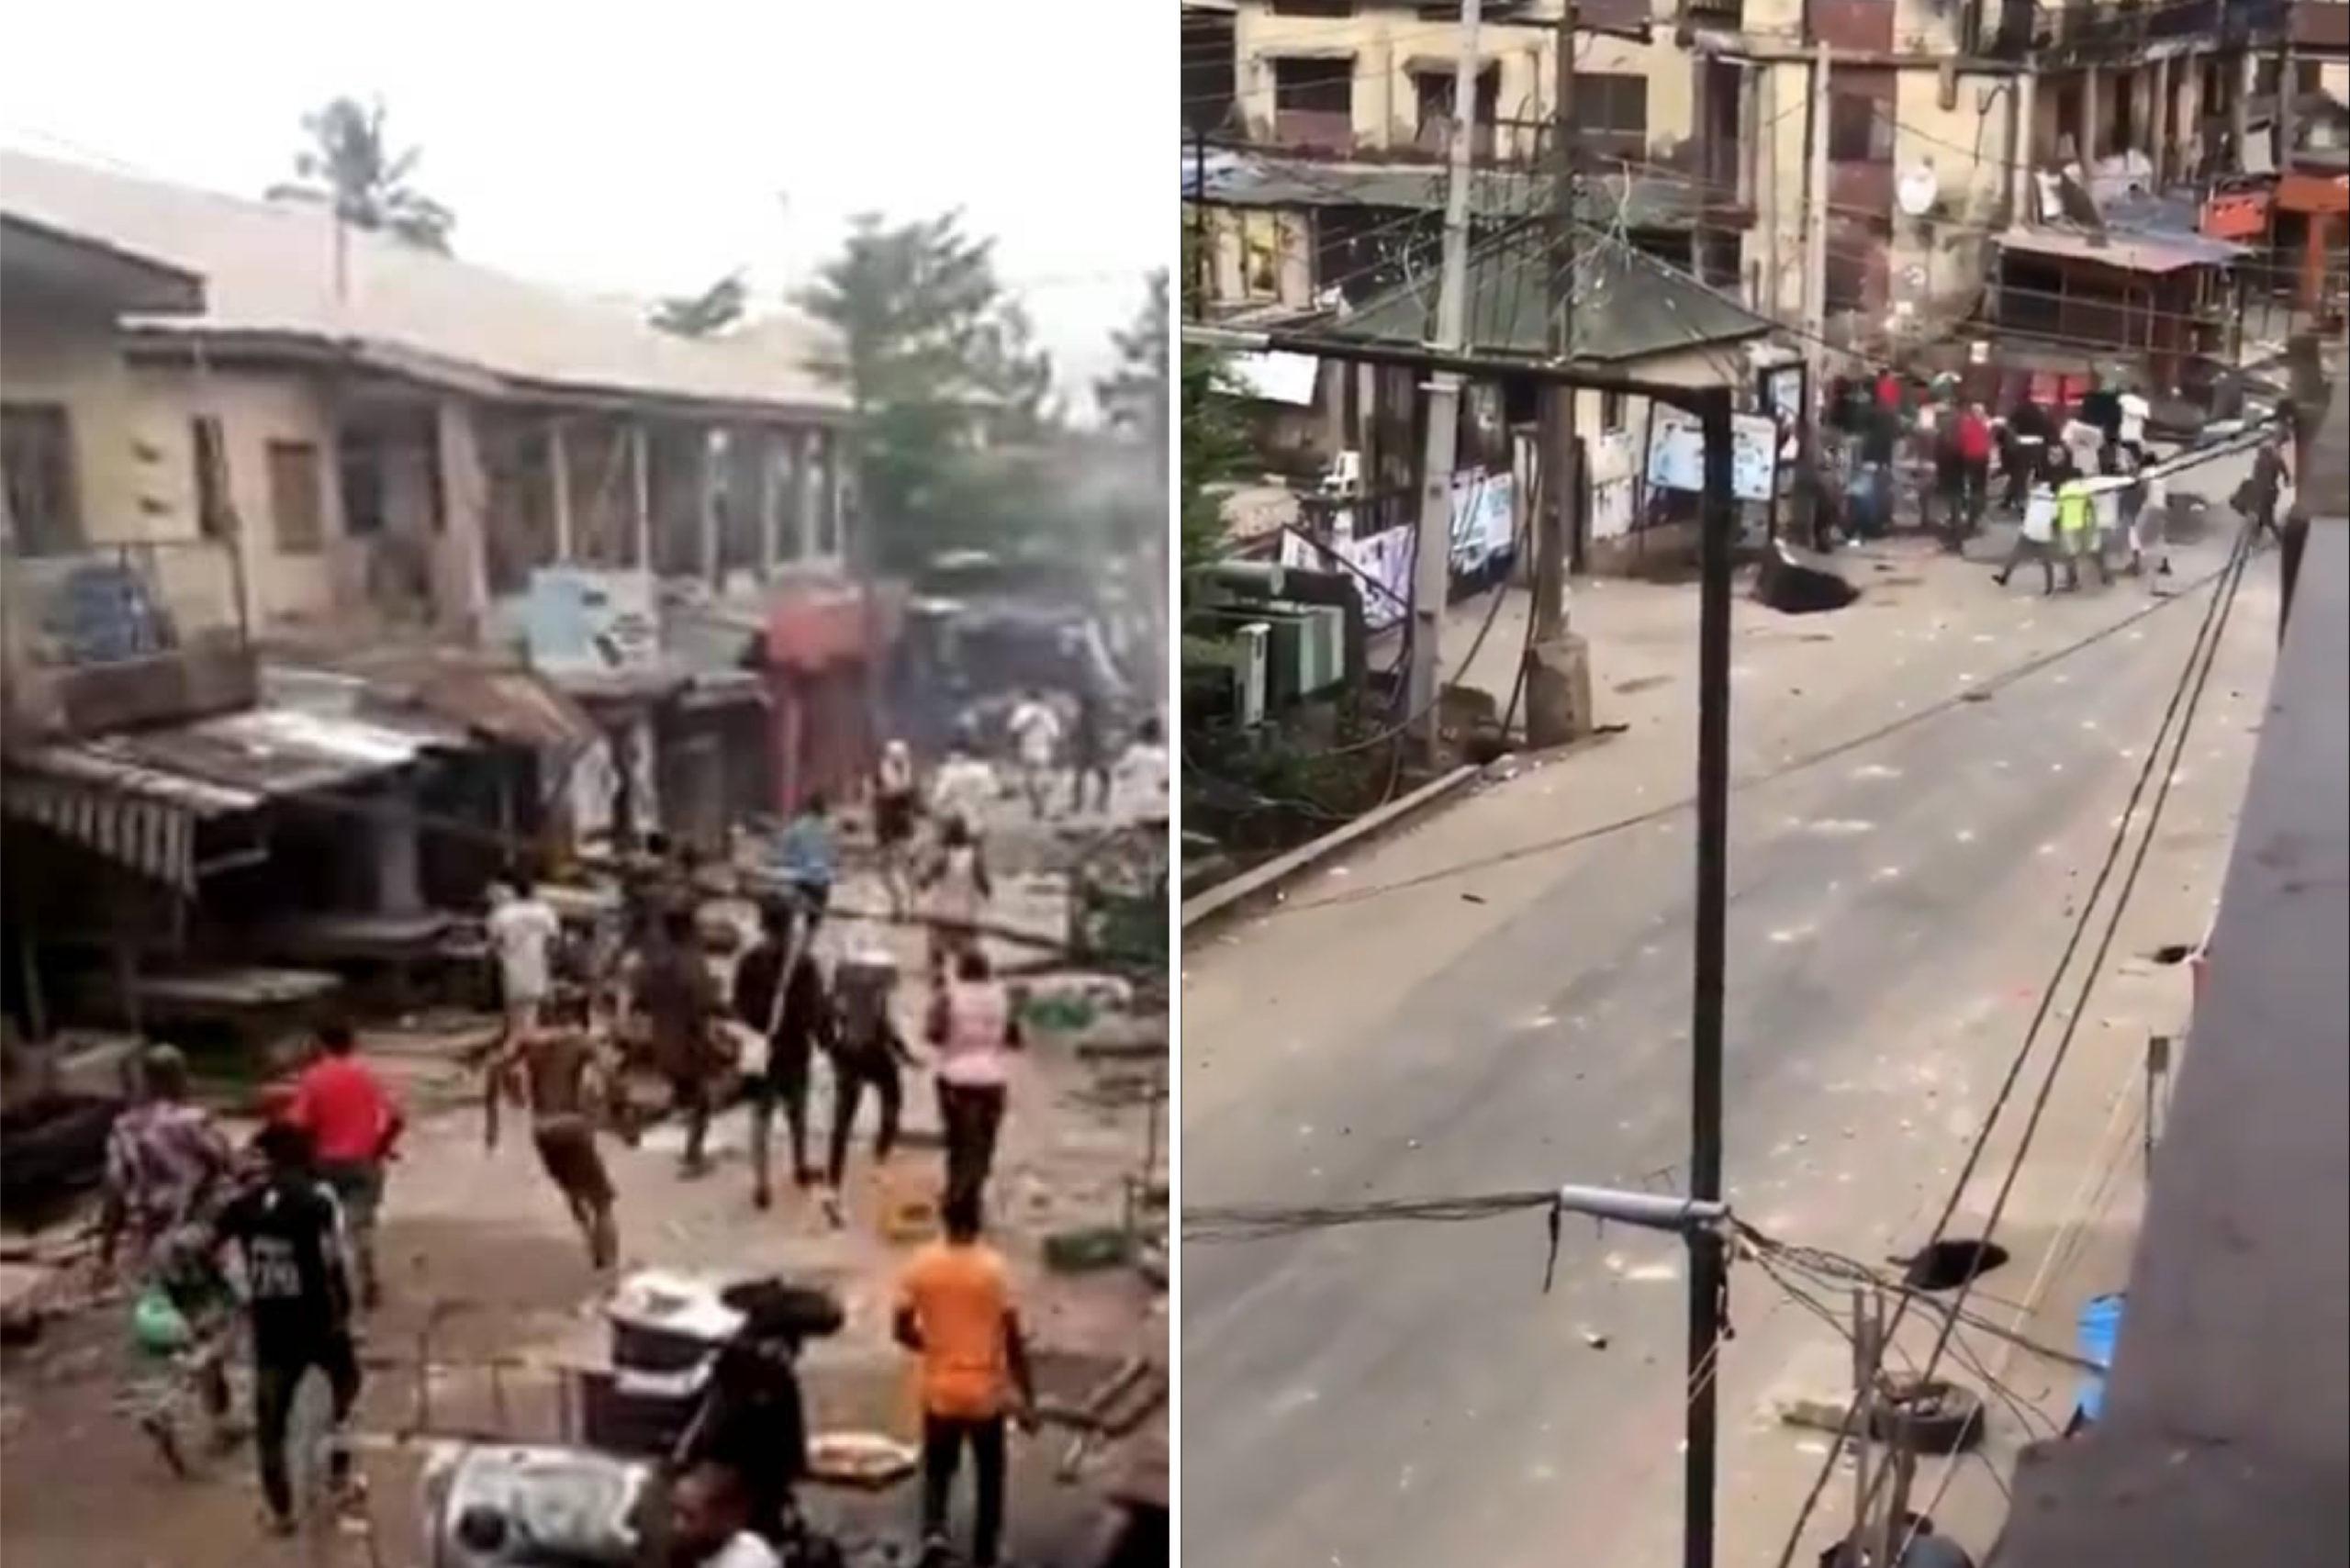 Cultists clashed in Ketu over revenue generation at Ketu fruits market - Lagos Police